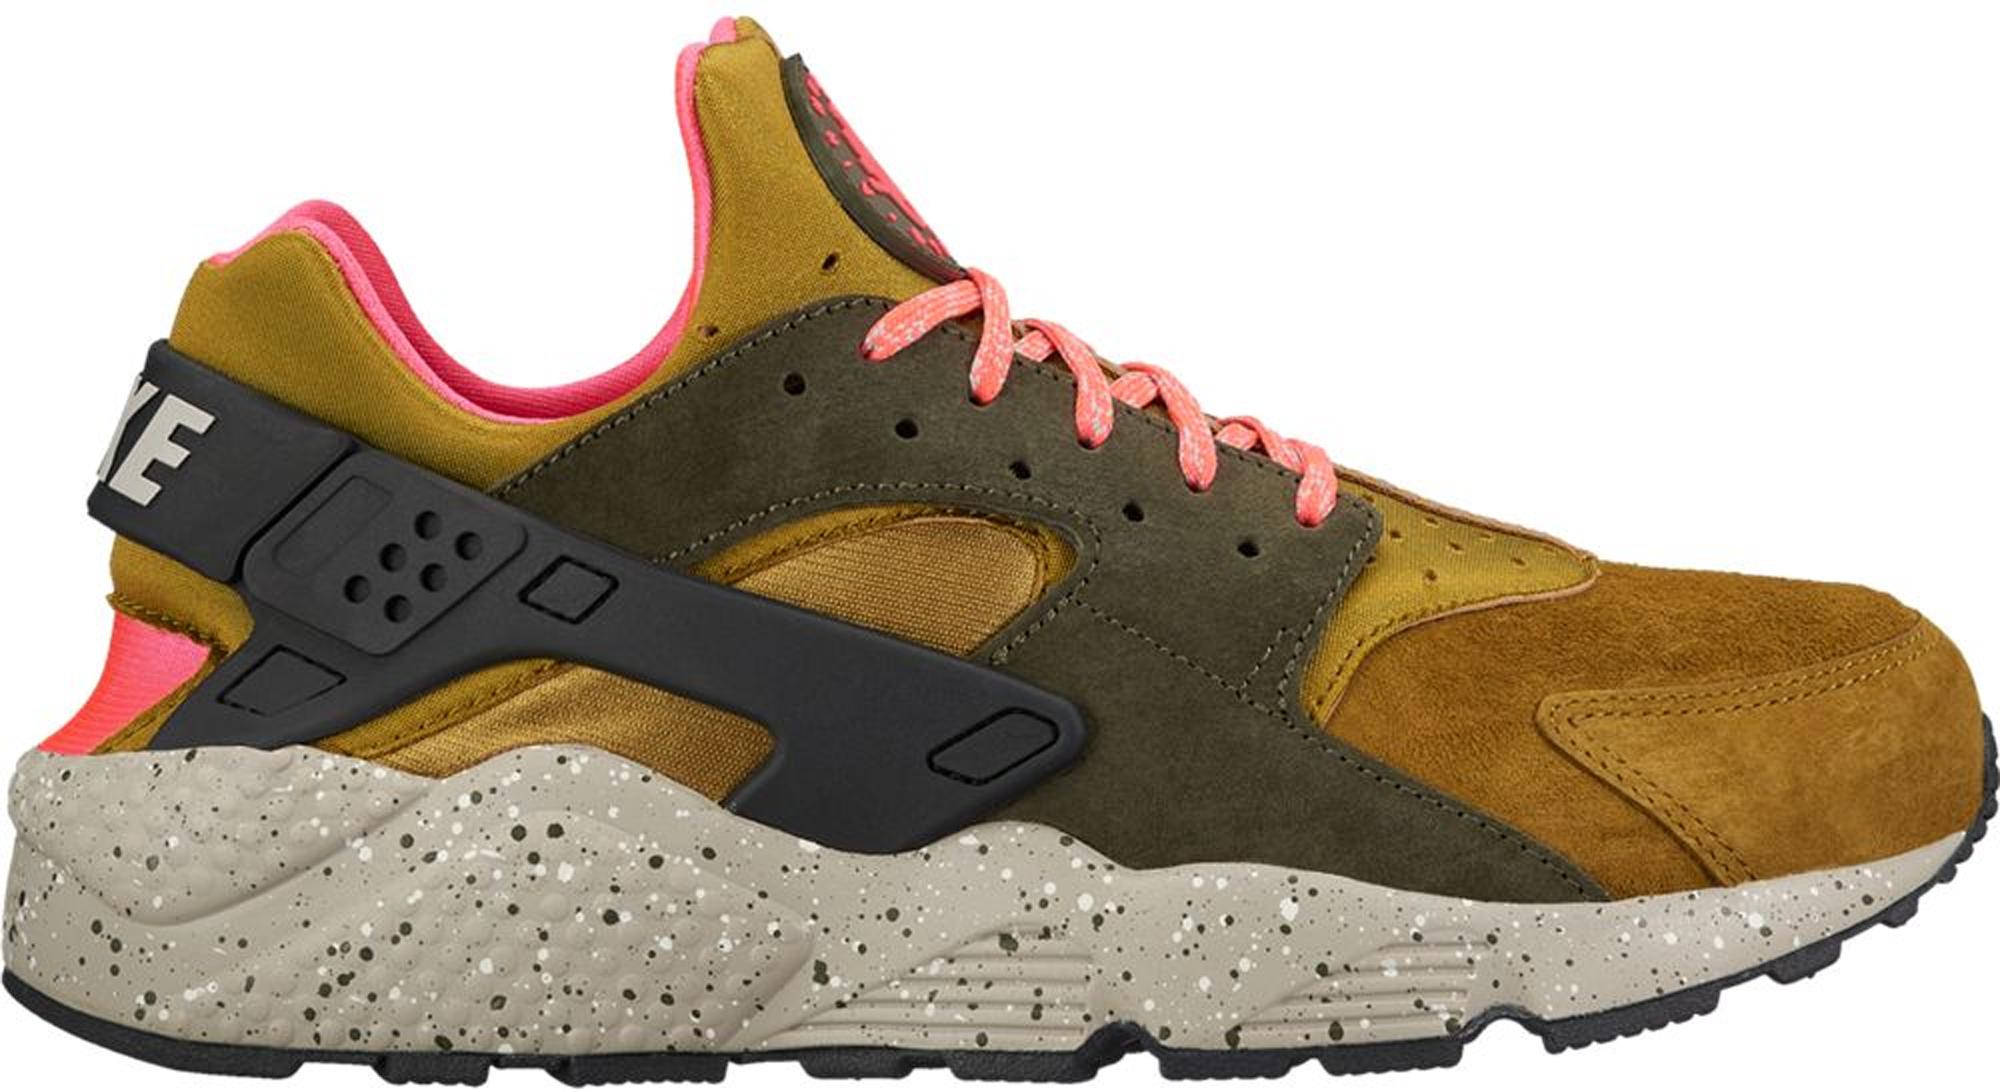 Nike Air Huarache Desert Moss - 704830-302